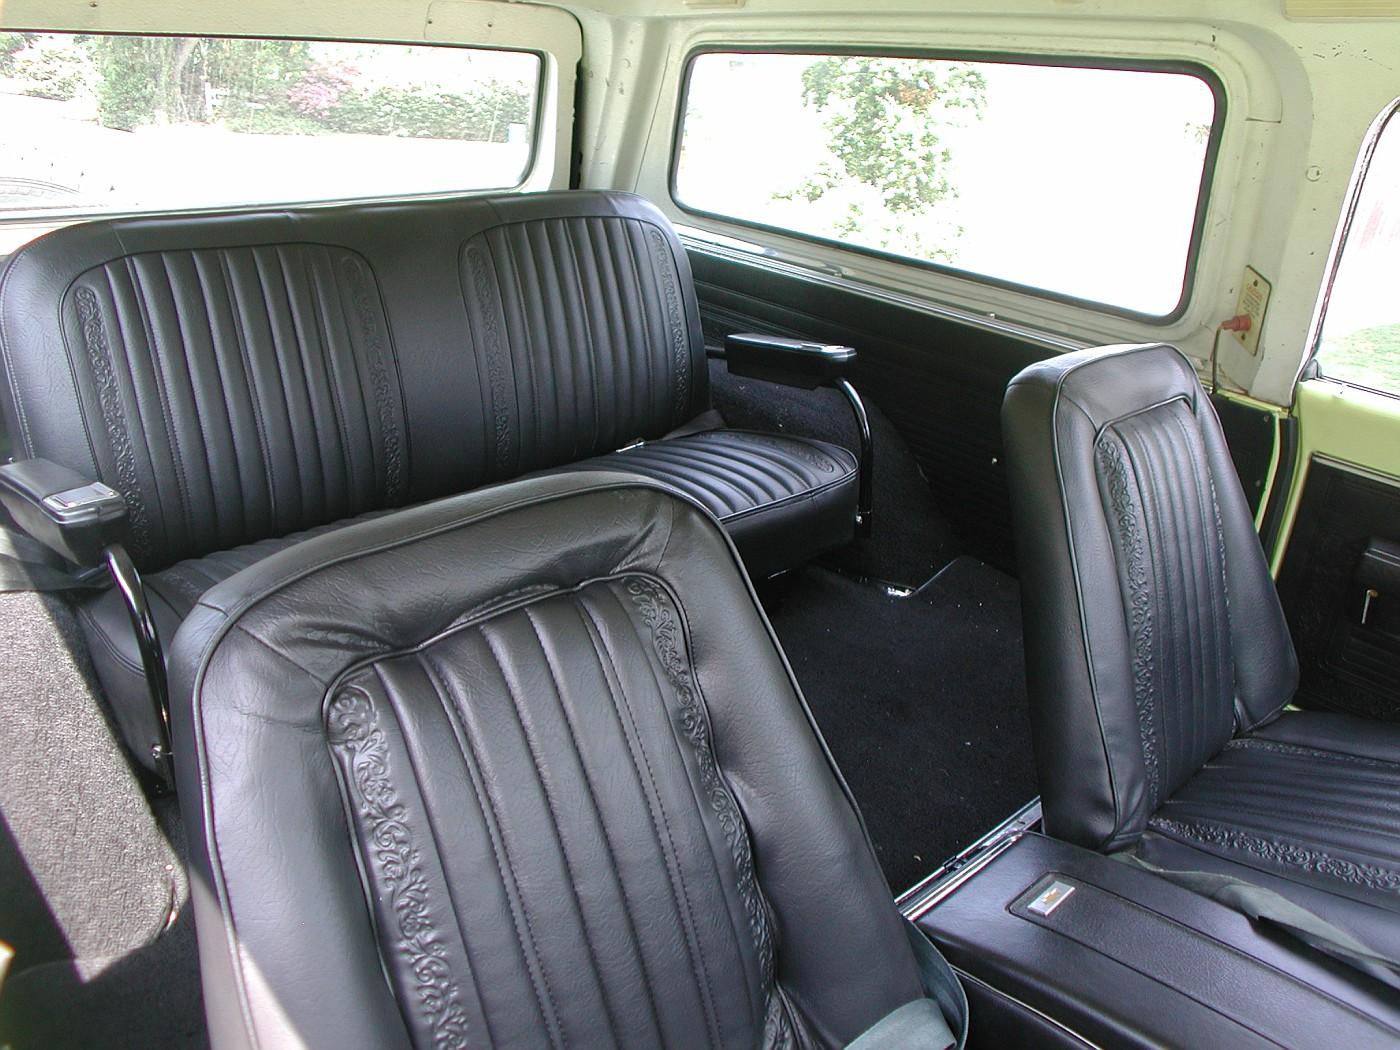 71 72 Blazer Seats Bing Images